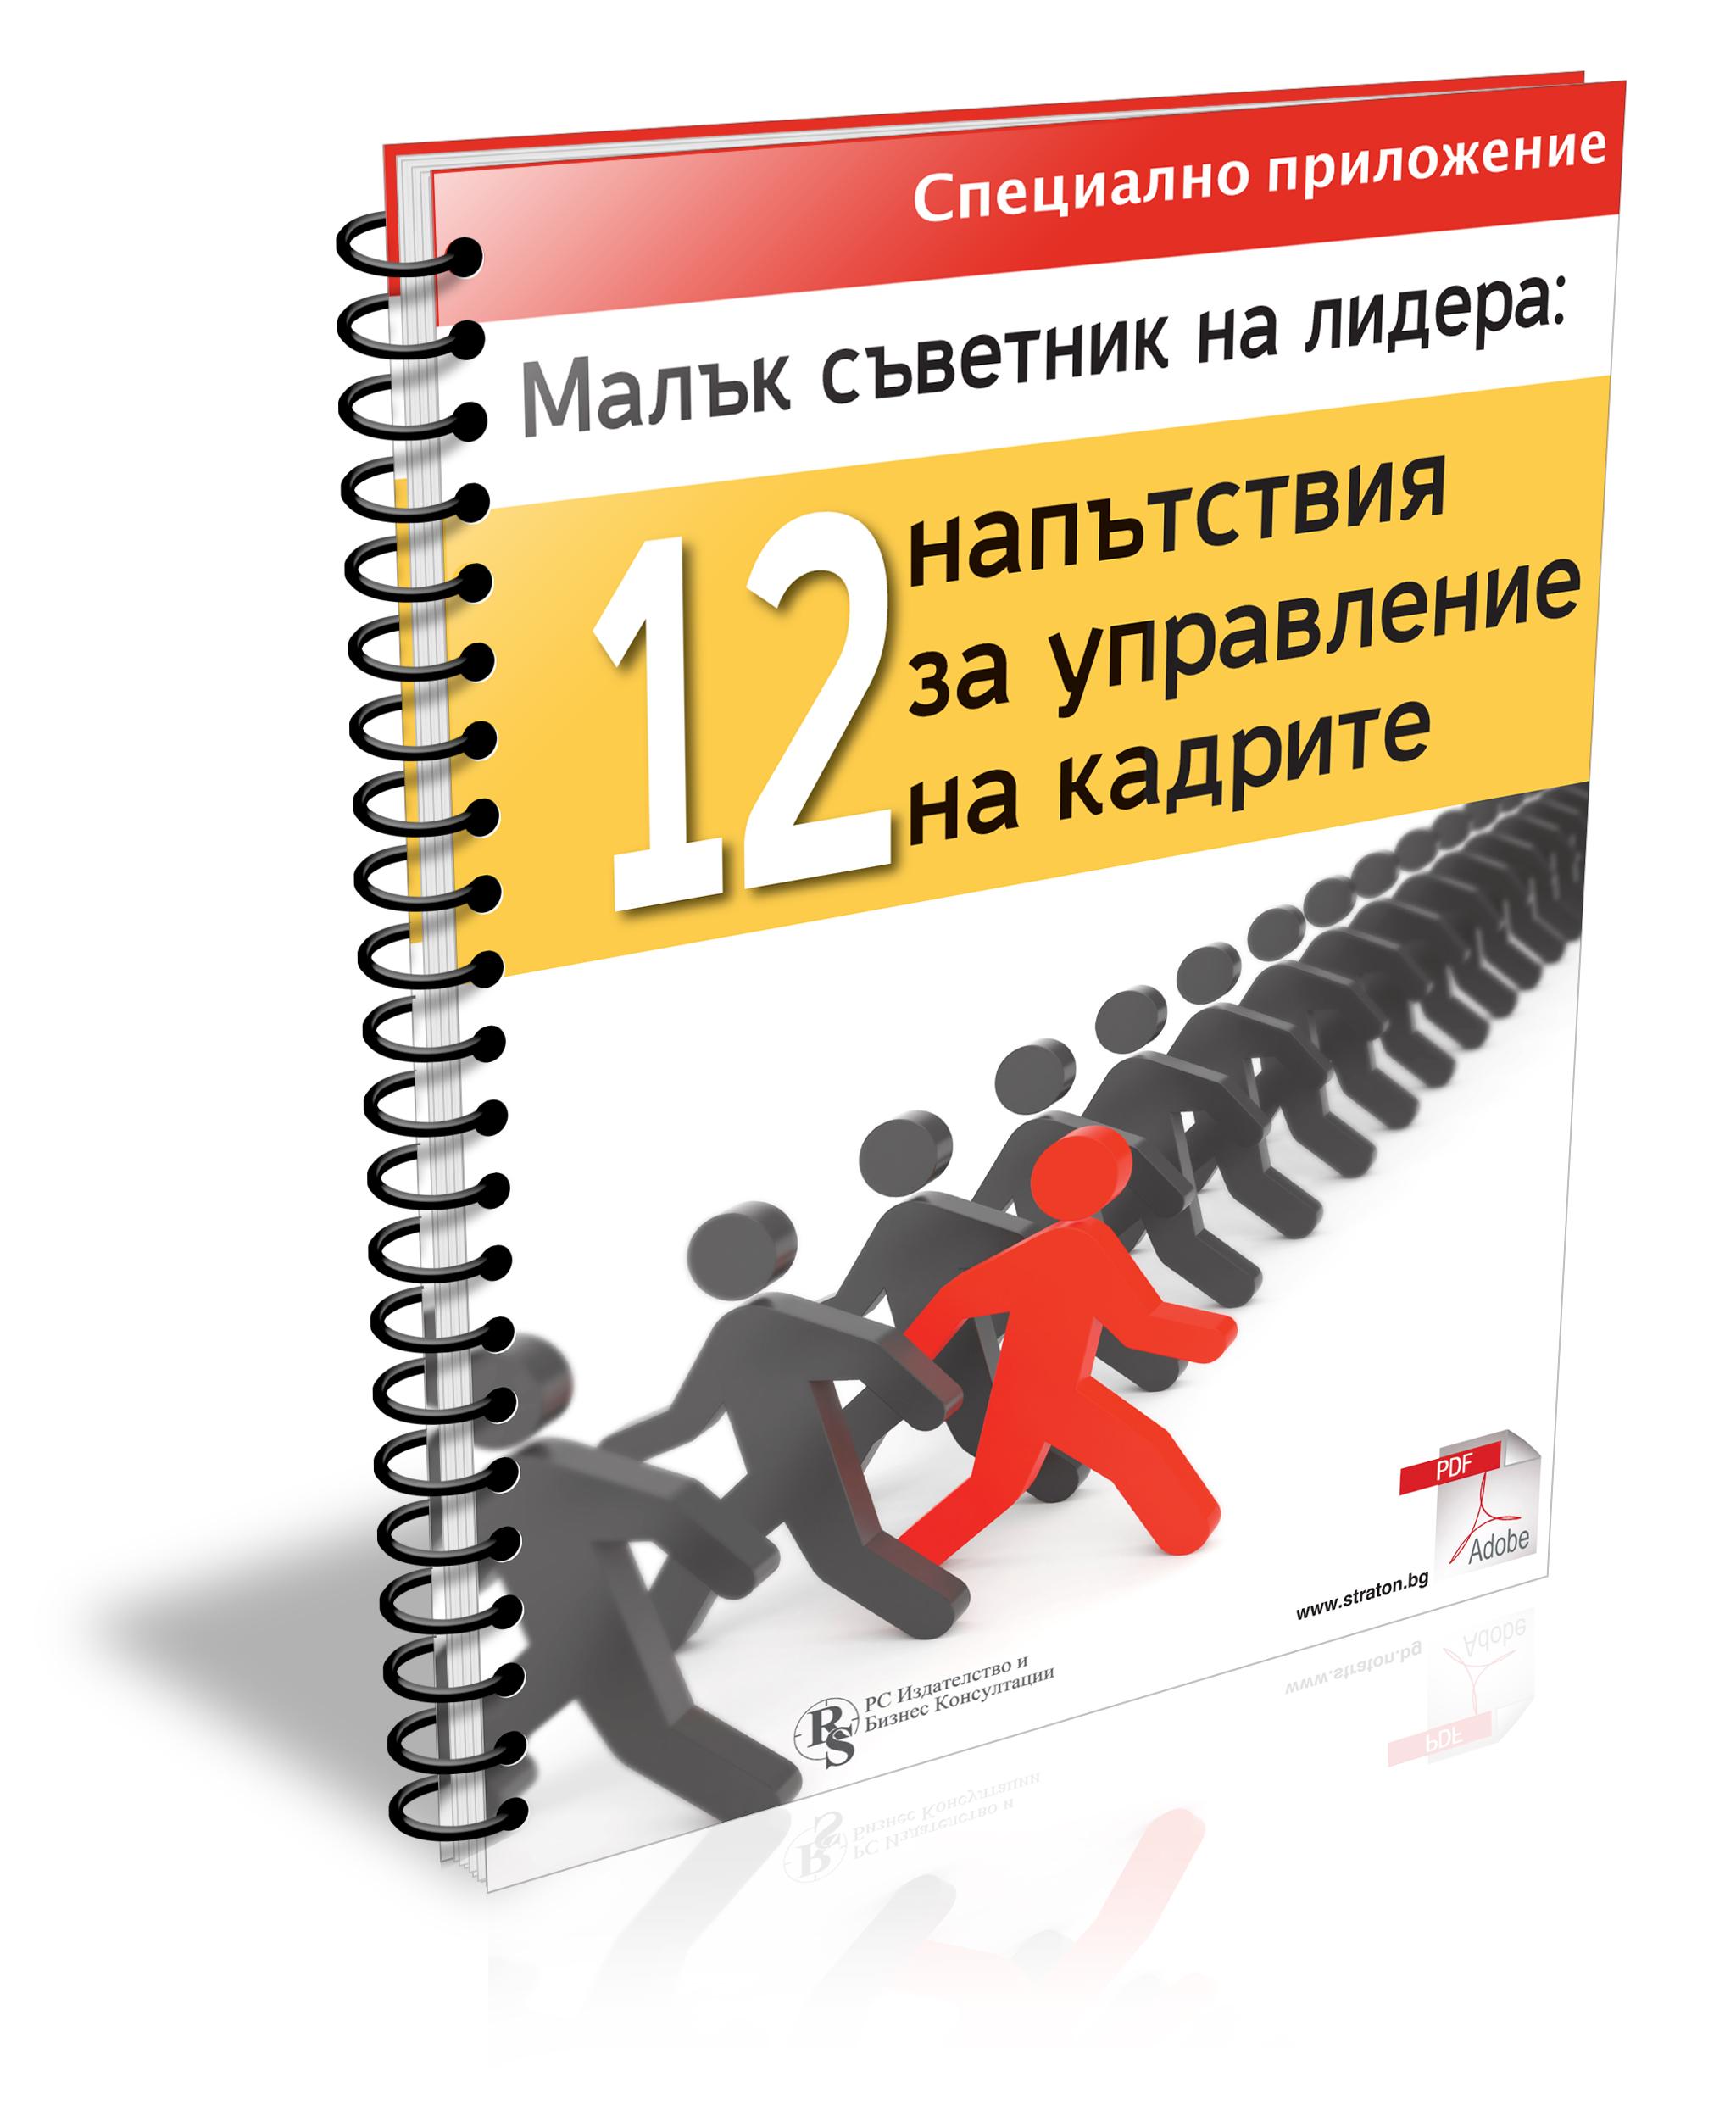 Малък съветник на лидера: 12 напътствия за управление на кадрите